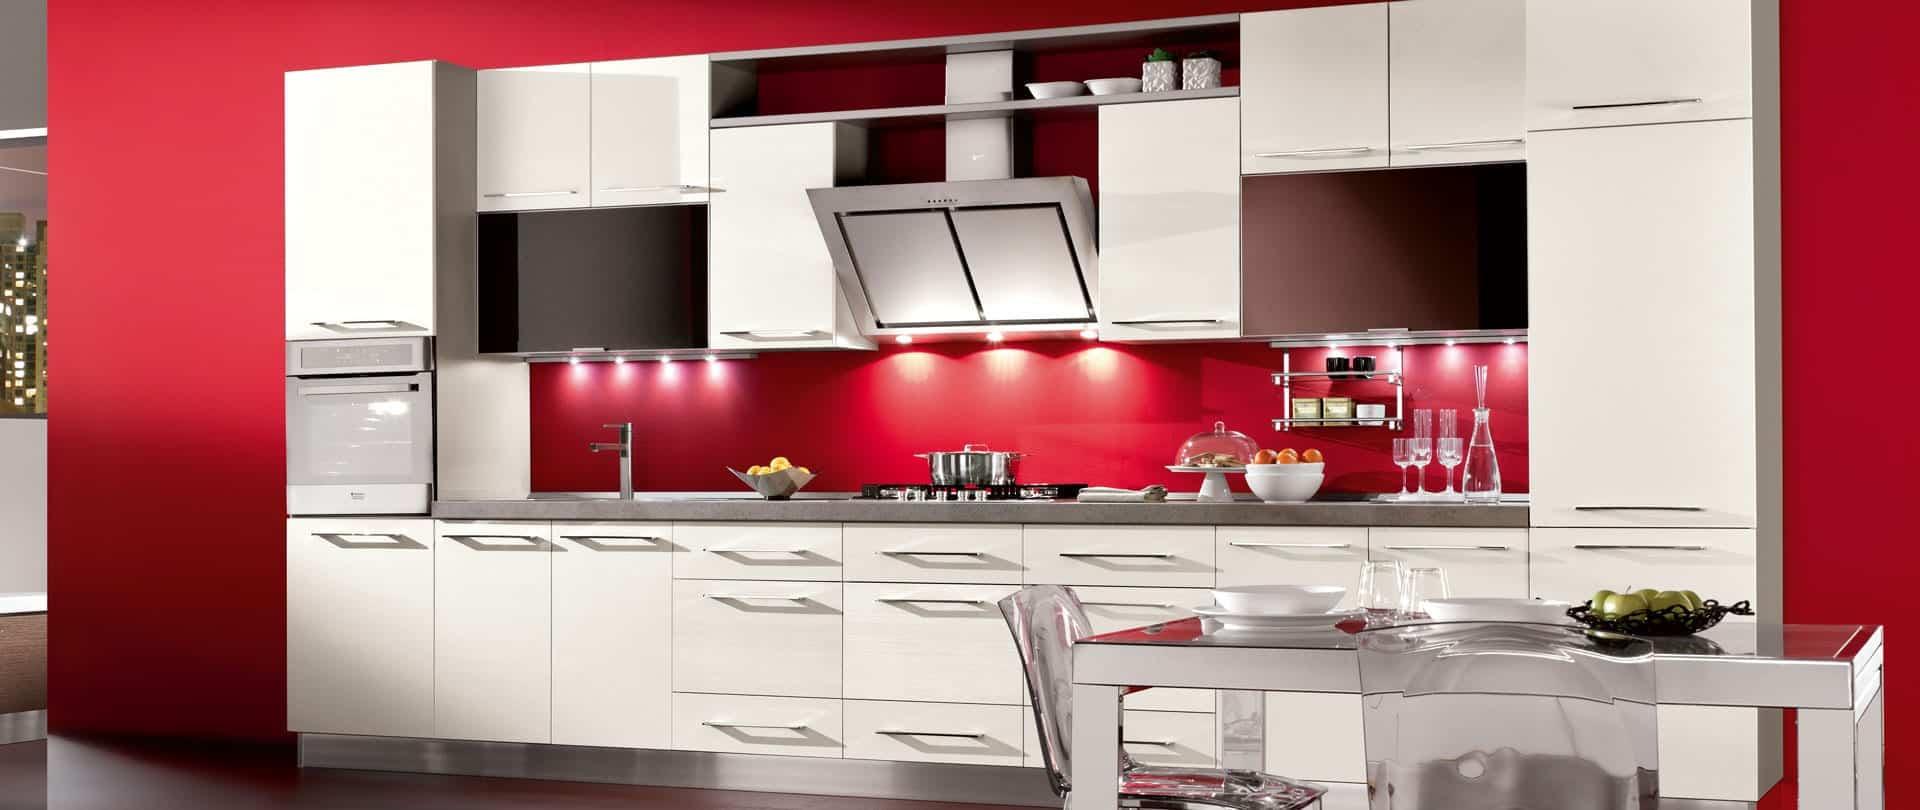 Mobilturi Modern Kitchen - Brio